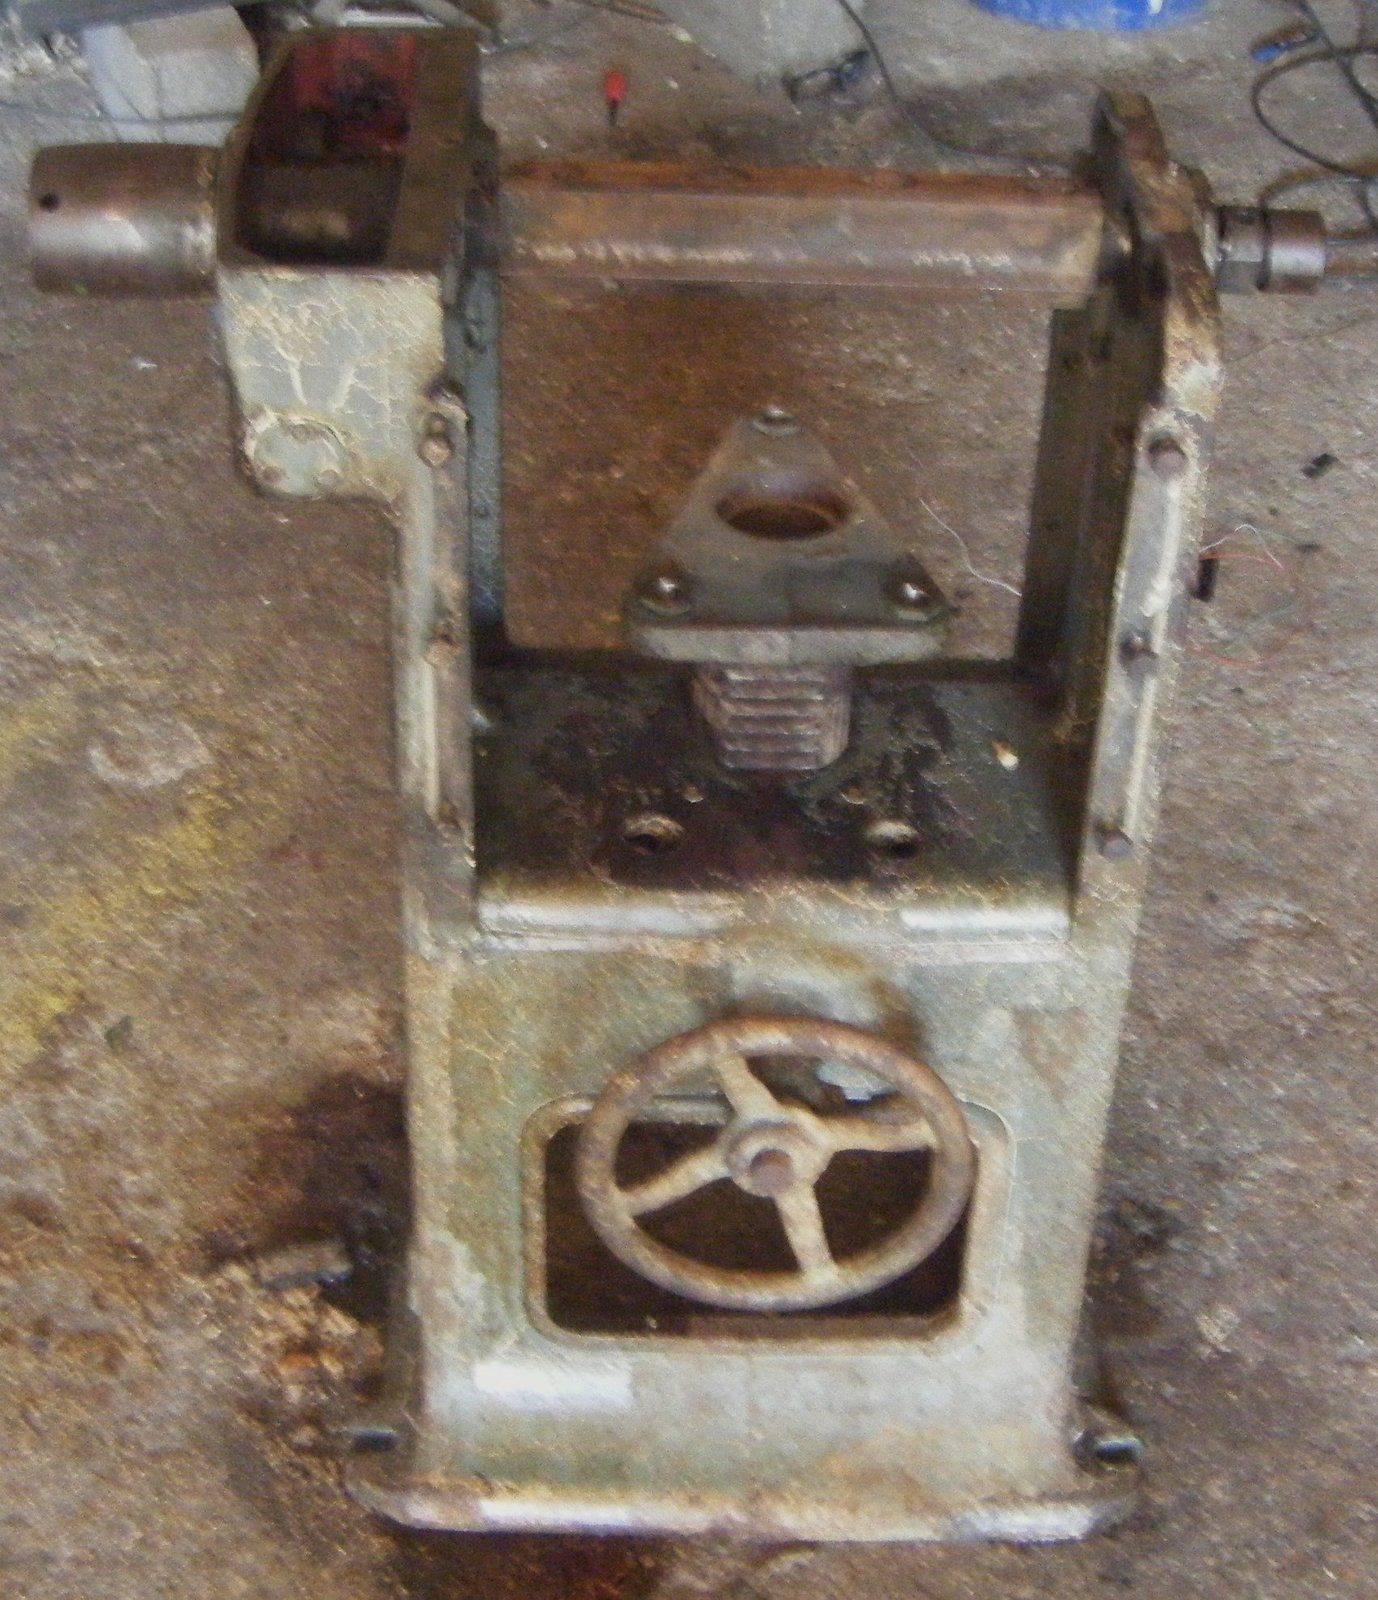 DSCF1299.JPG